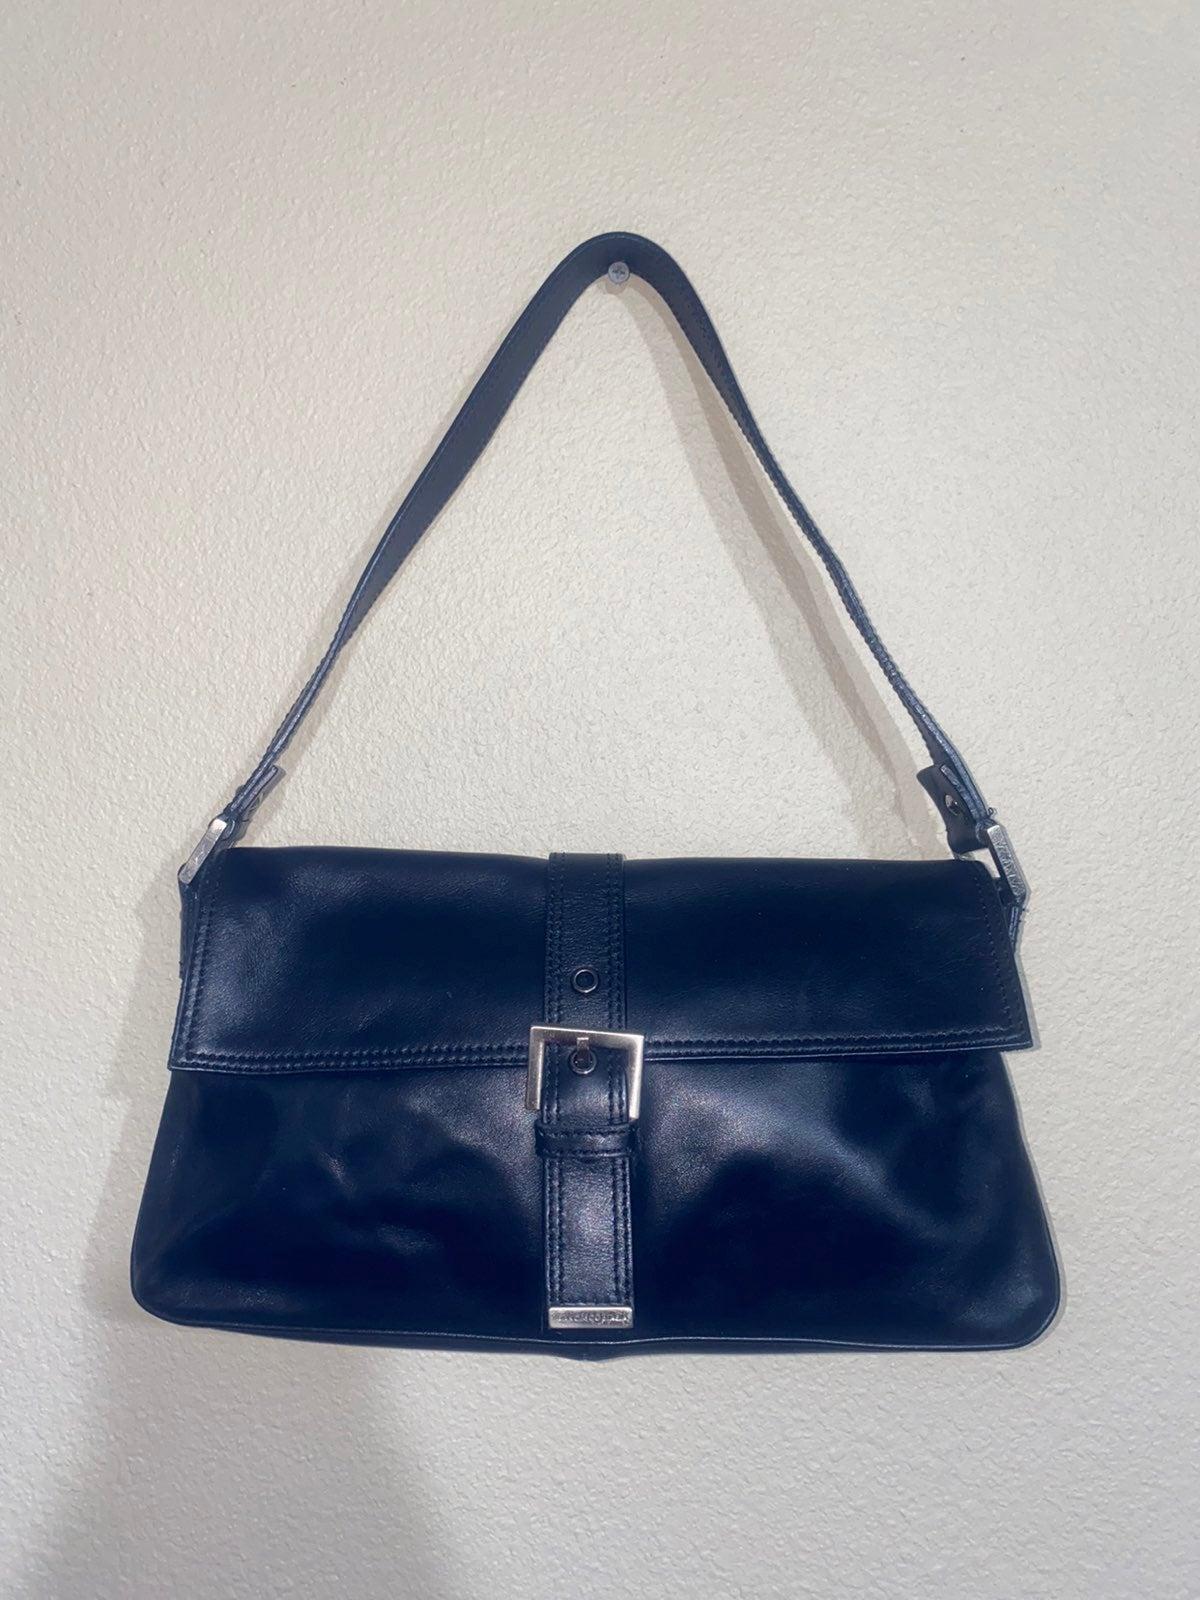 90s Vintage Shoulderbag Francesco BiasiaBlack brown shoulder bagshoulder strap Francesco BiasiaCross bag leather design Italy